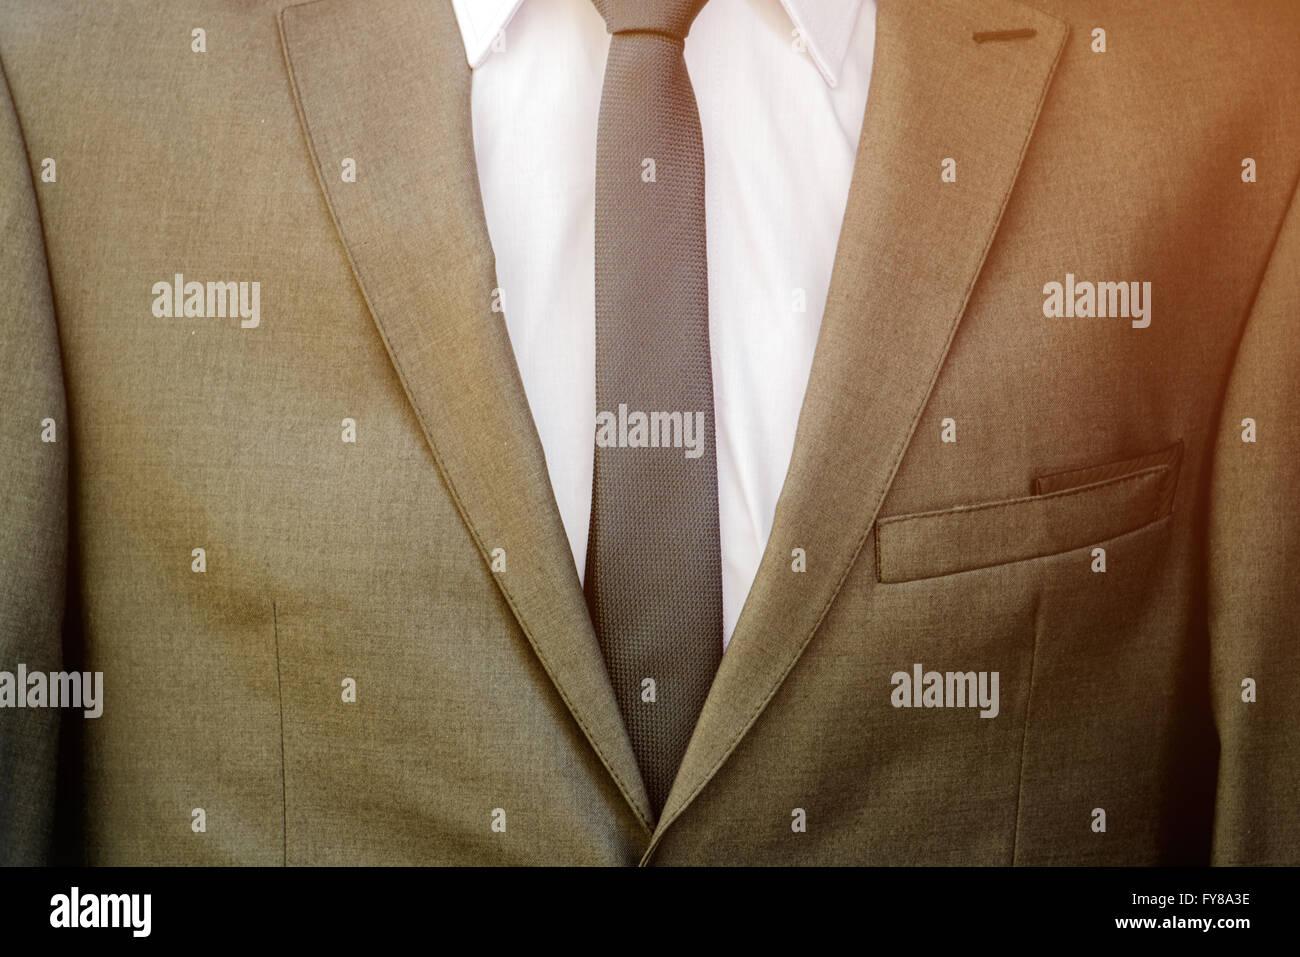 Moderno business suit dettaglio con una camicia bianca e cravatta, irriconoscibile imprenditore. Immagini Stock